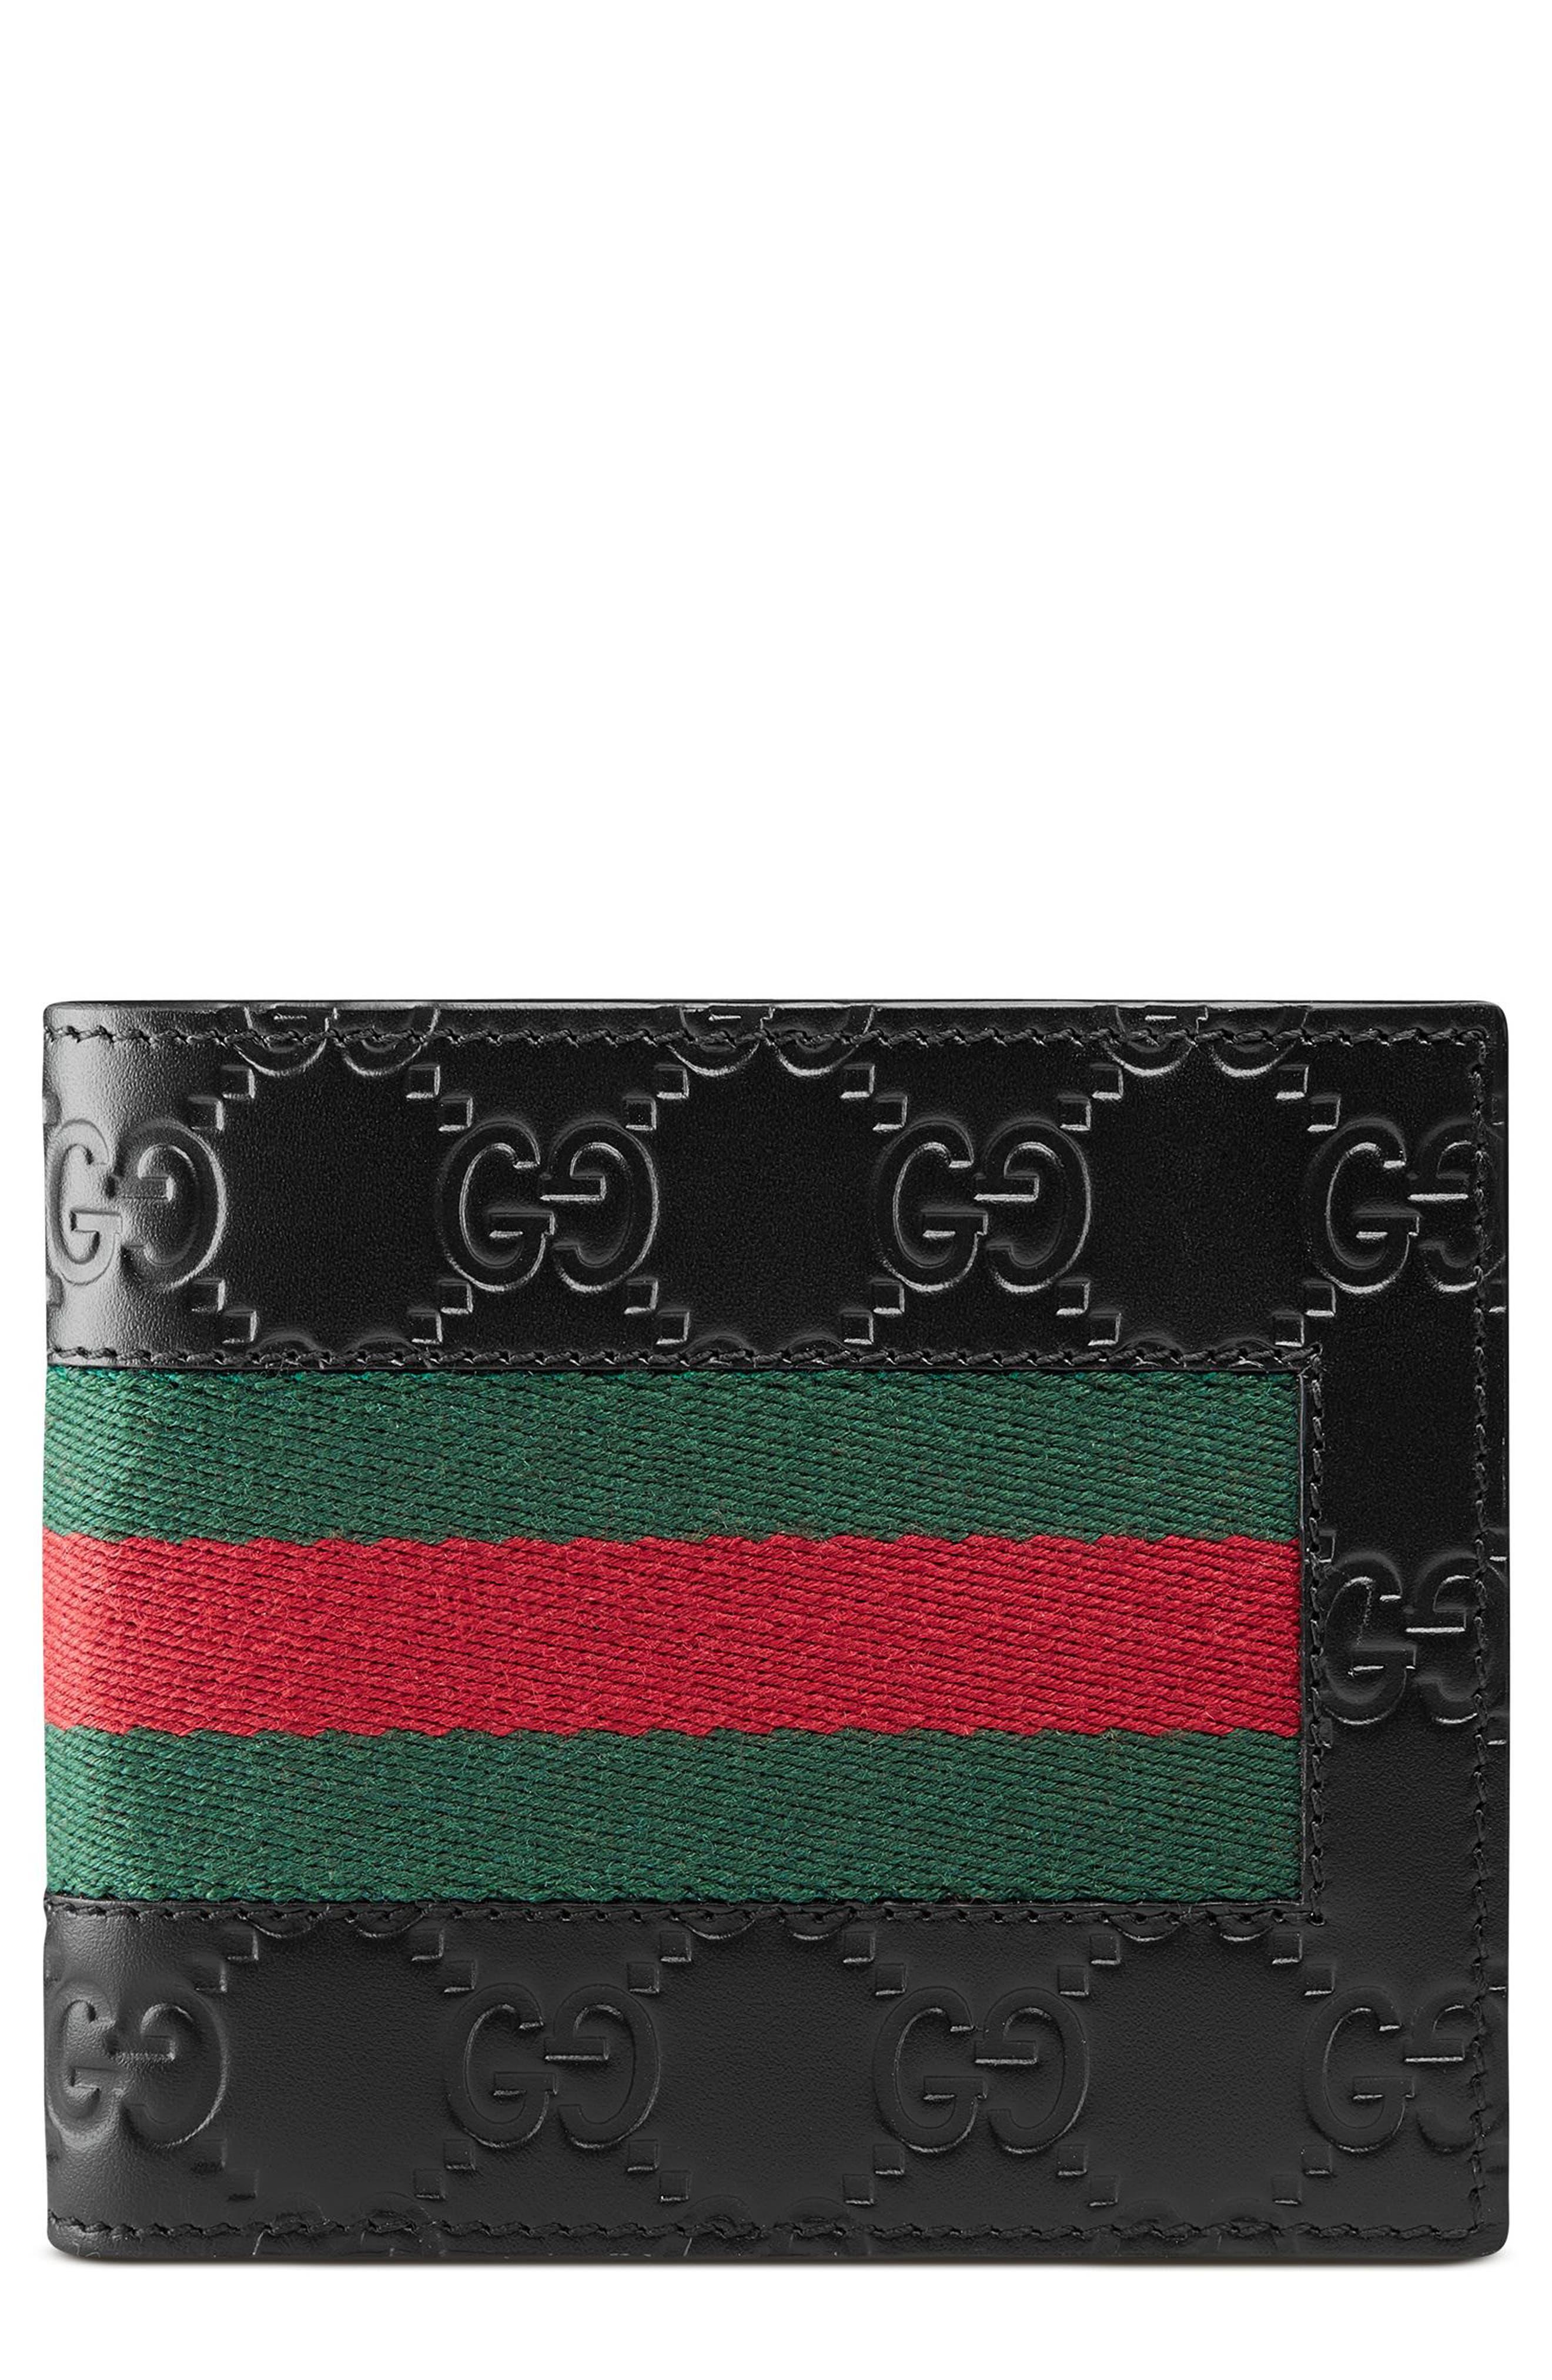 Main Image - Gucci New Web Wallet